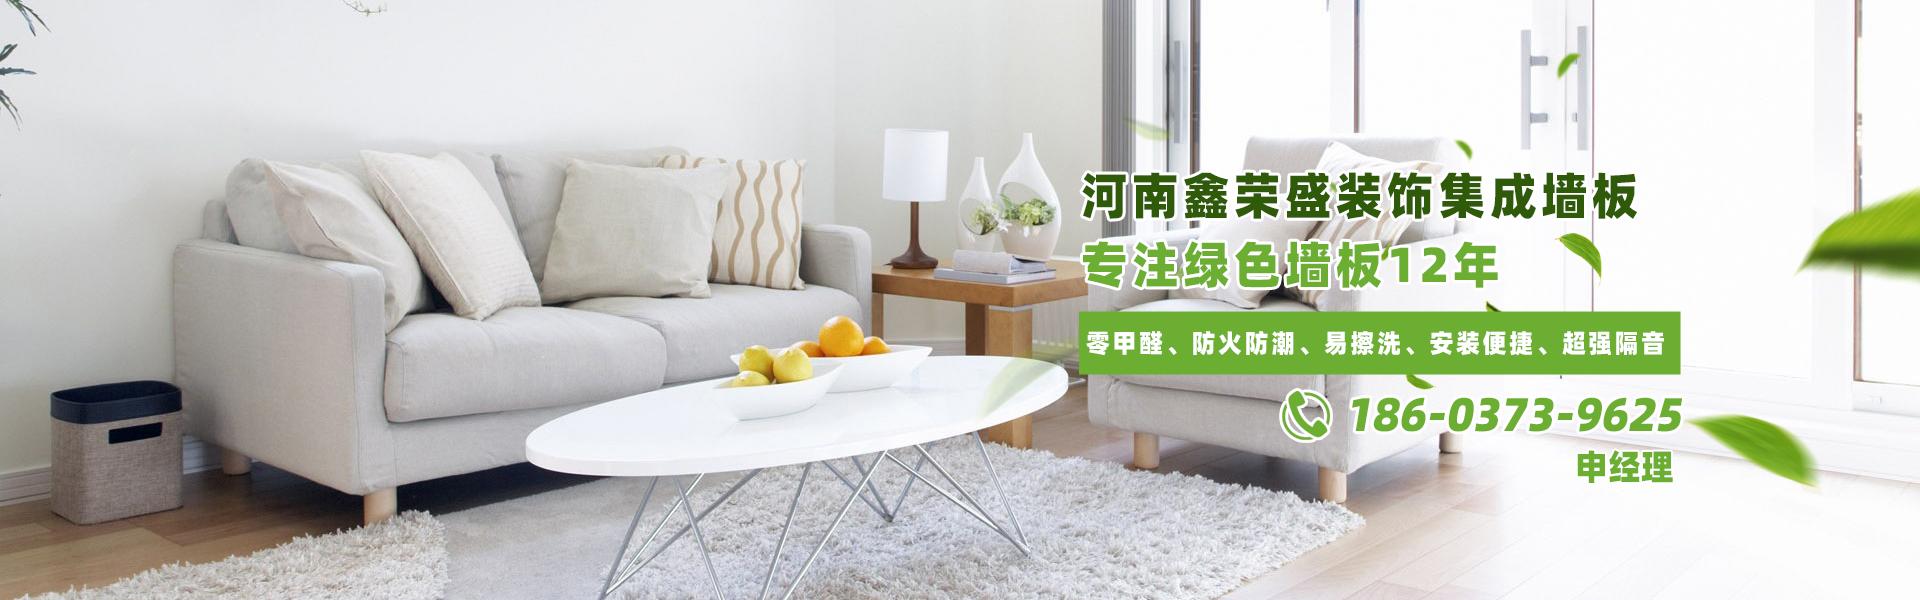 扣板墙板_河南鑫荣盛装饰材料有限公司是一家做集成墙板, 石塑地板,竹木 ...